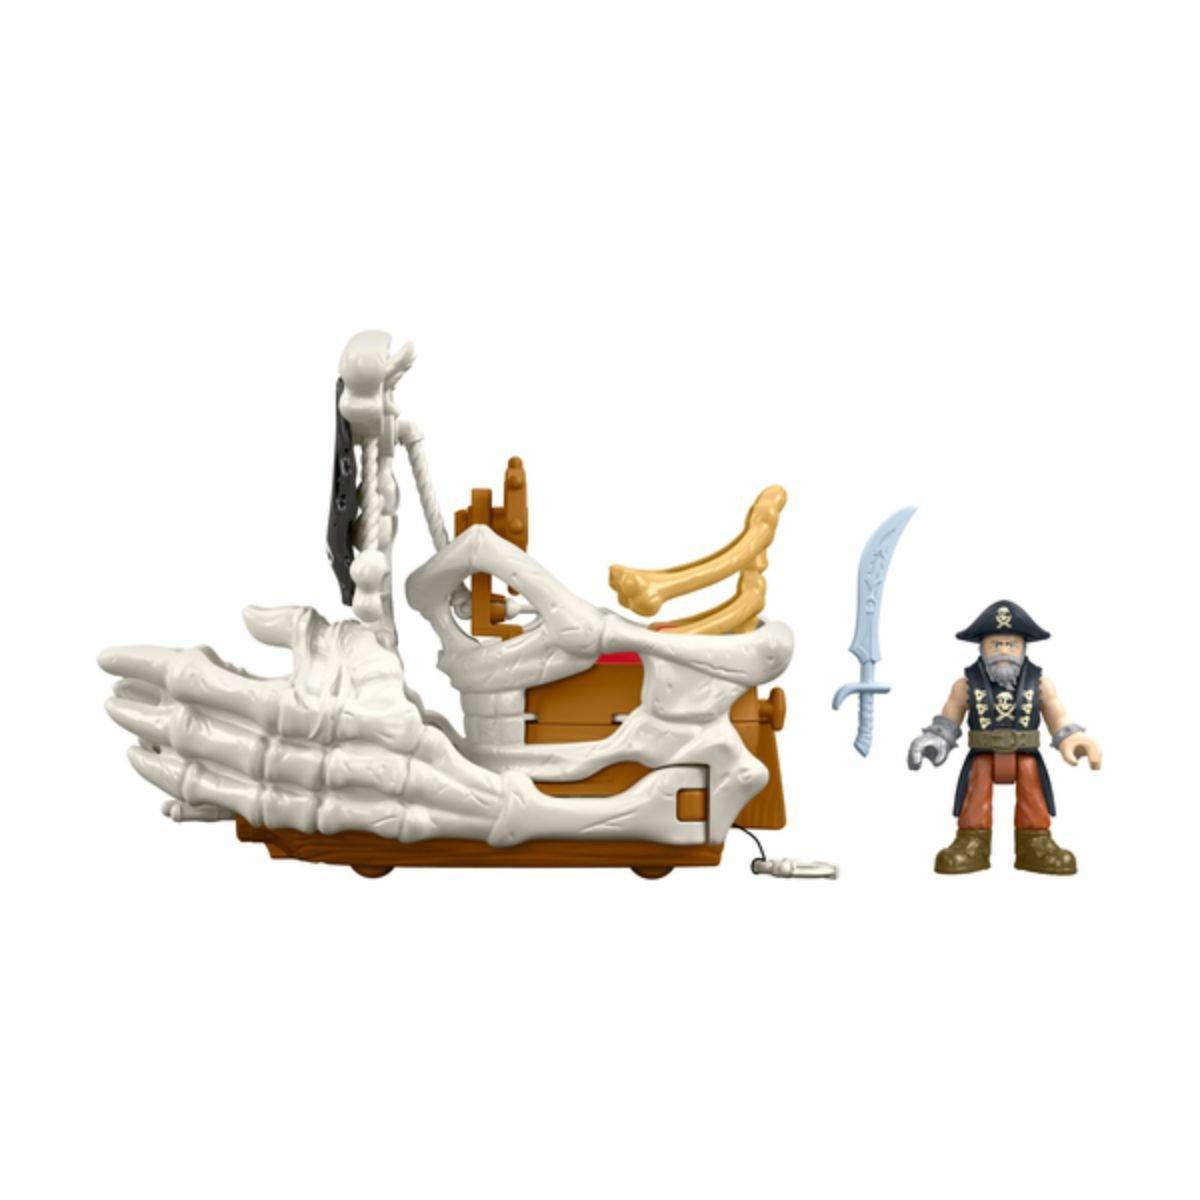 Figurina, Imaginext, Nava piratului